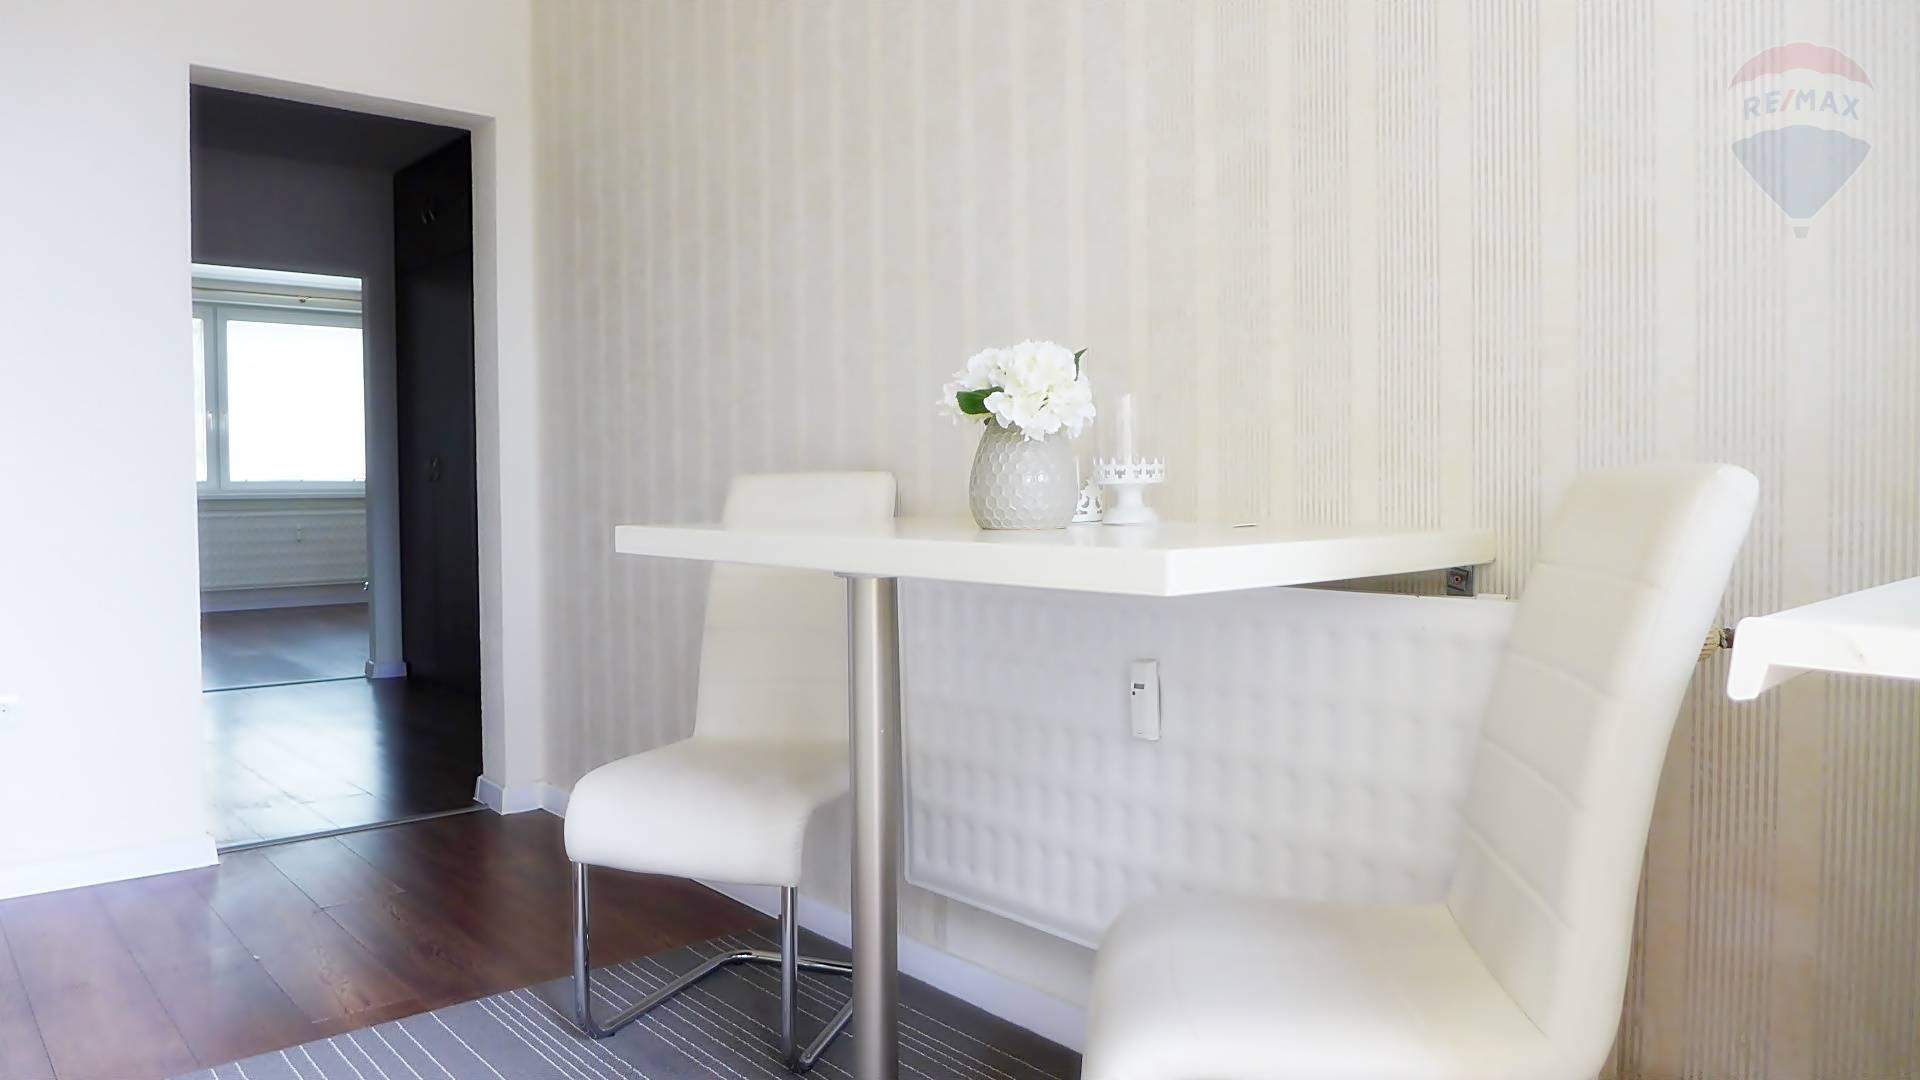 REZERVOVANÉ  2 izbový byt, 50 m2, kompletná rekonštrukcia, ul. Clementisa sídl. Sever PRIEVIDZA